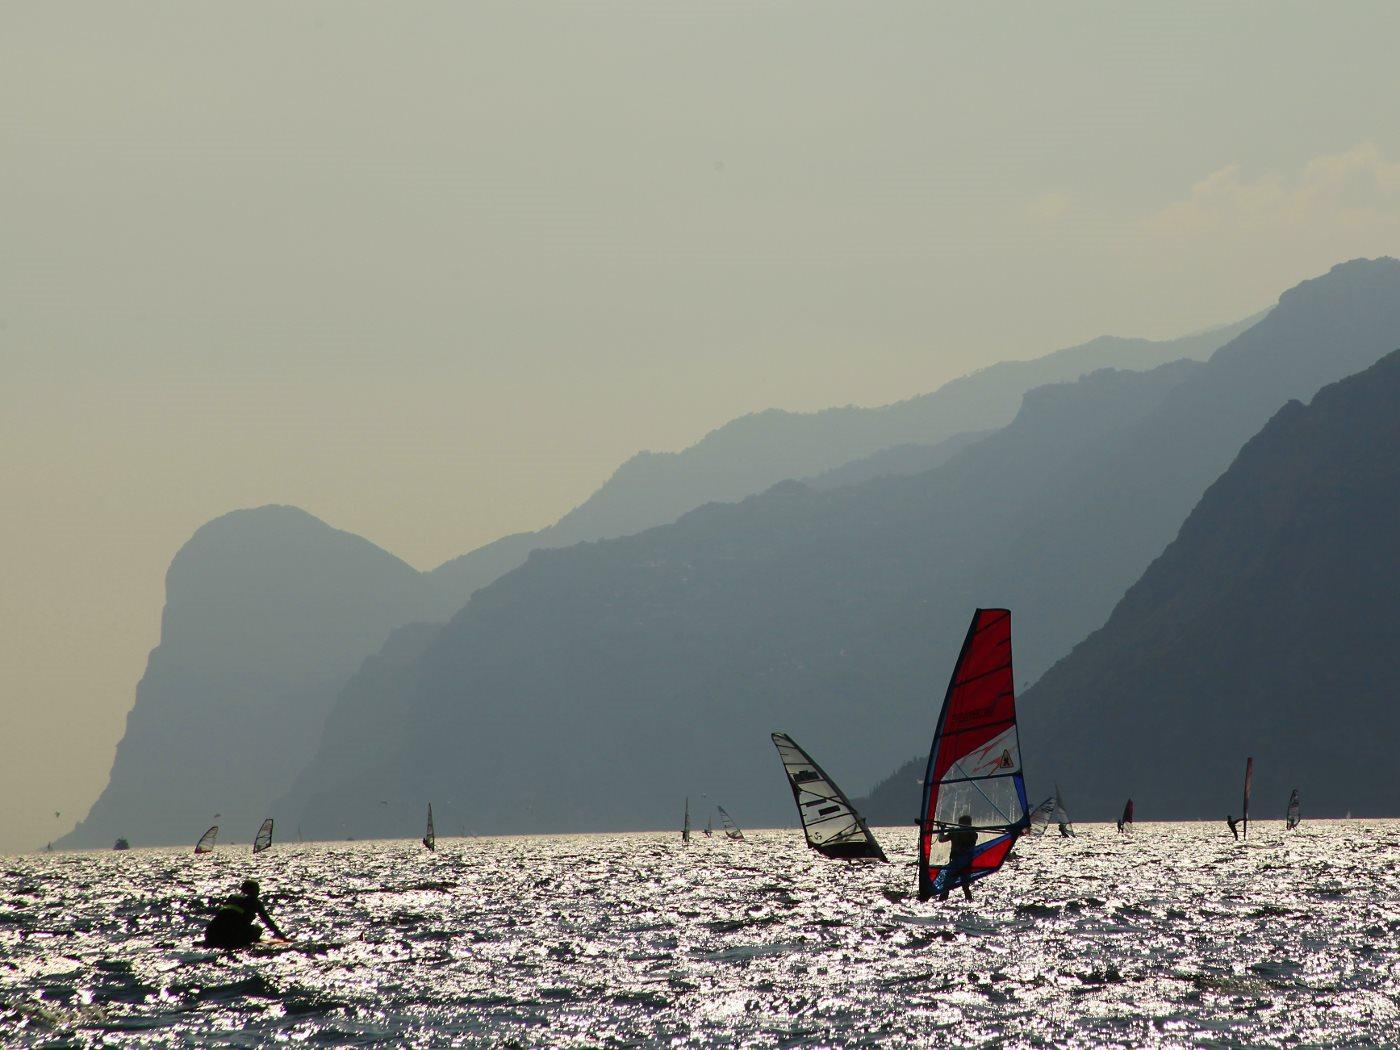 lago_di_garda_1400x1050